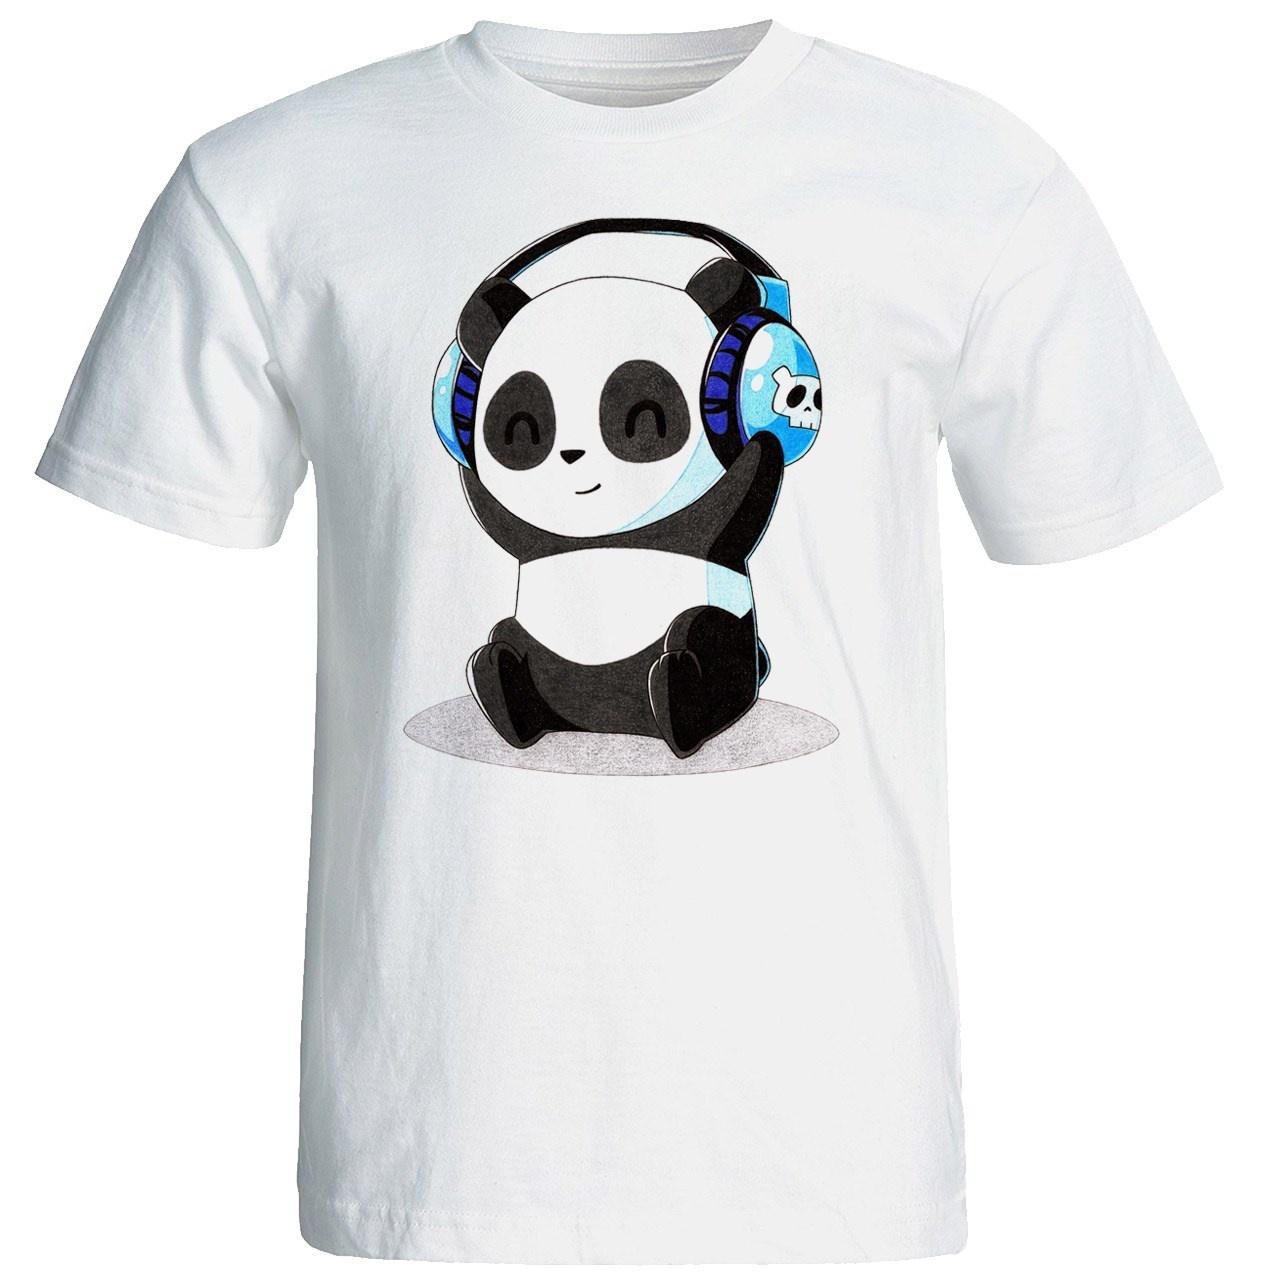 تی شرت آستین کوتاه مردانه شین دیزاین طرح پاندا کد 4400